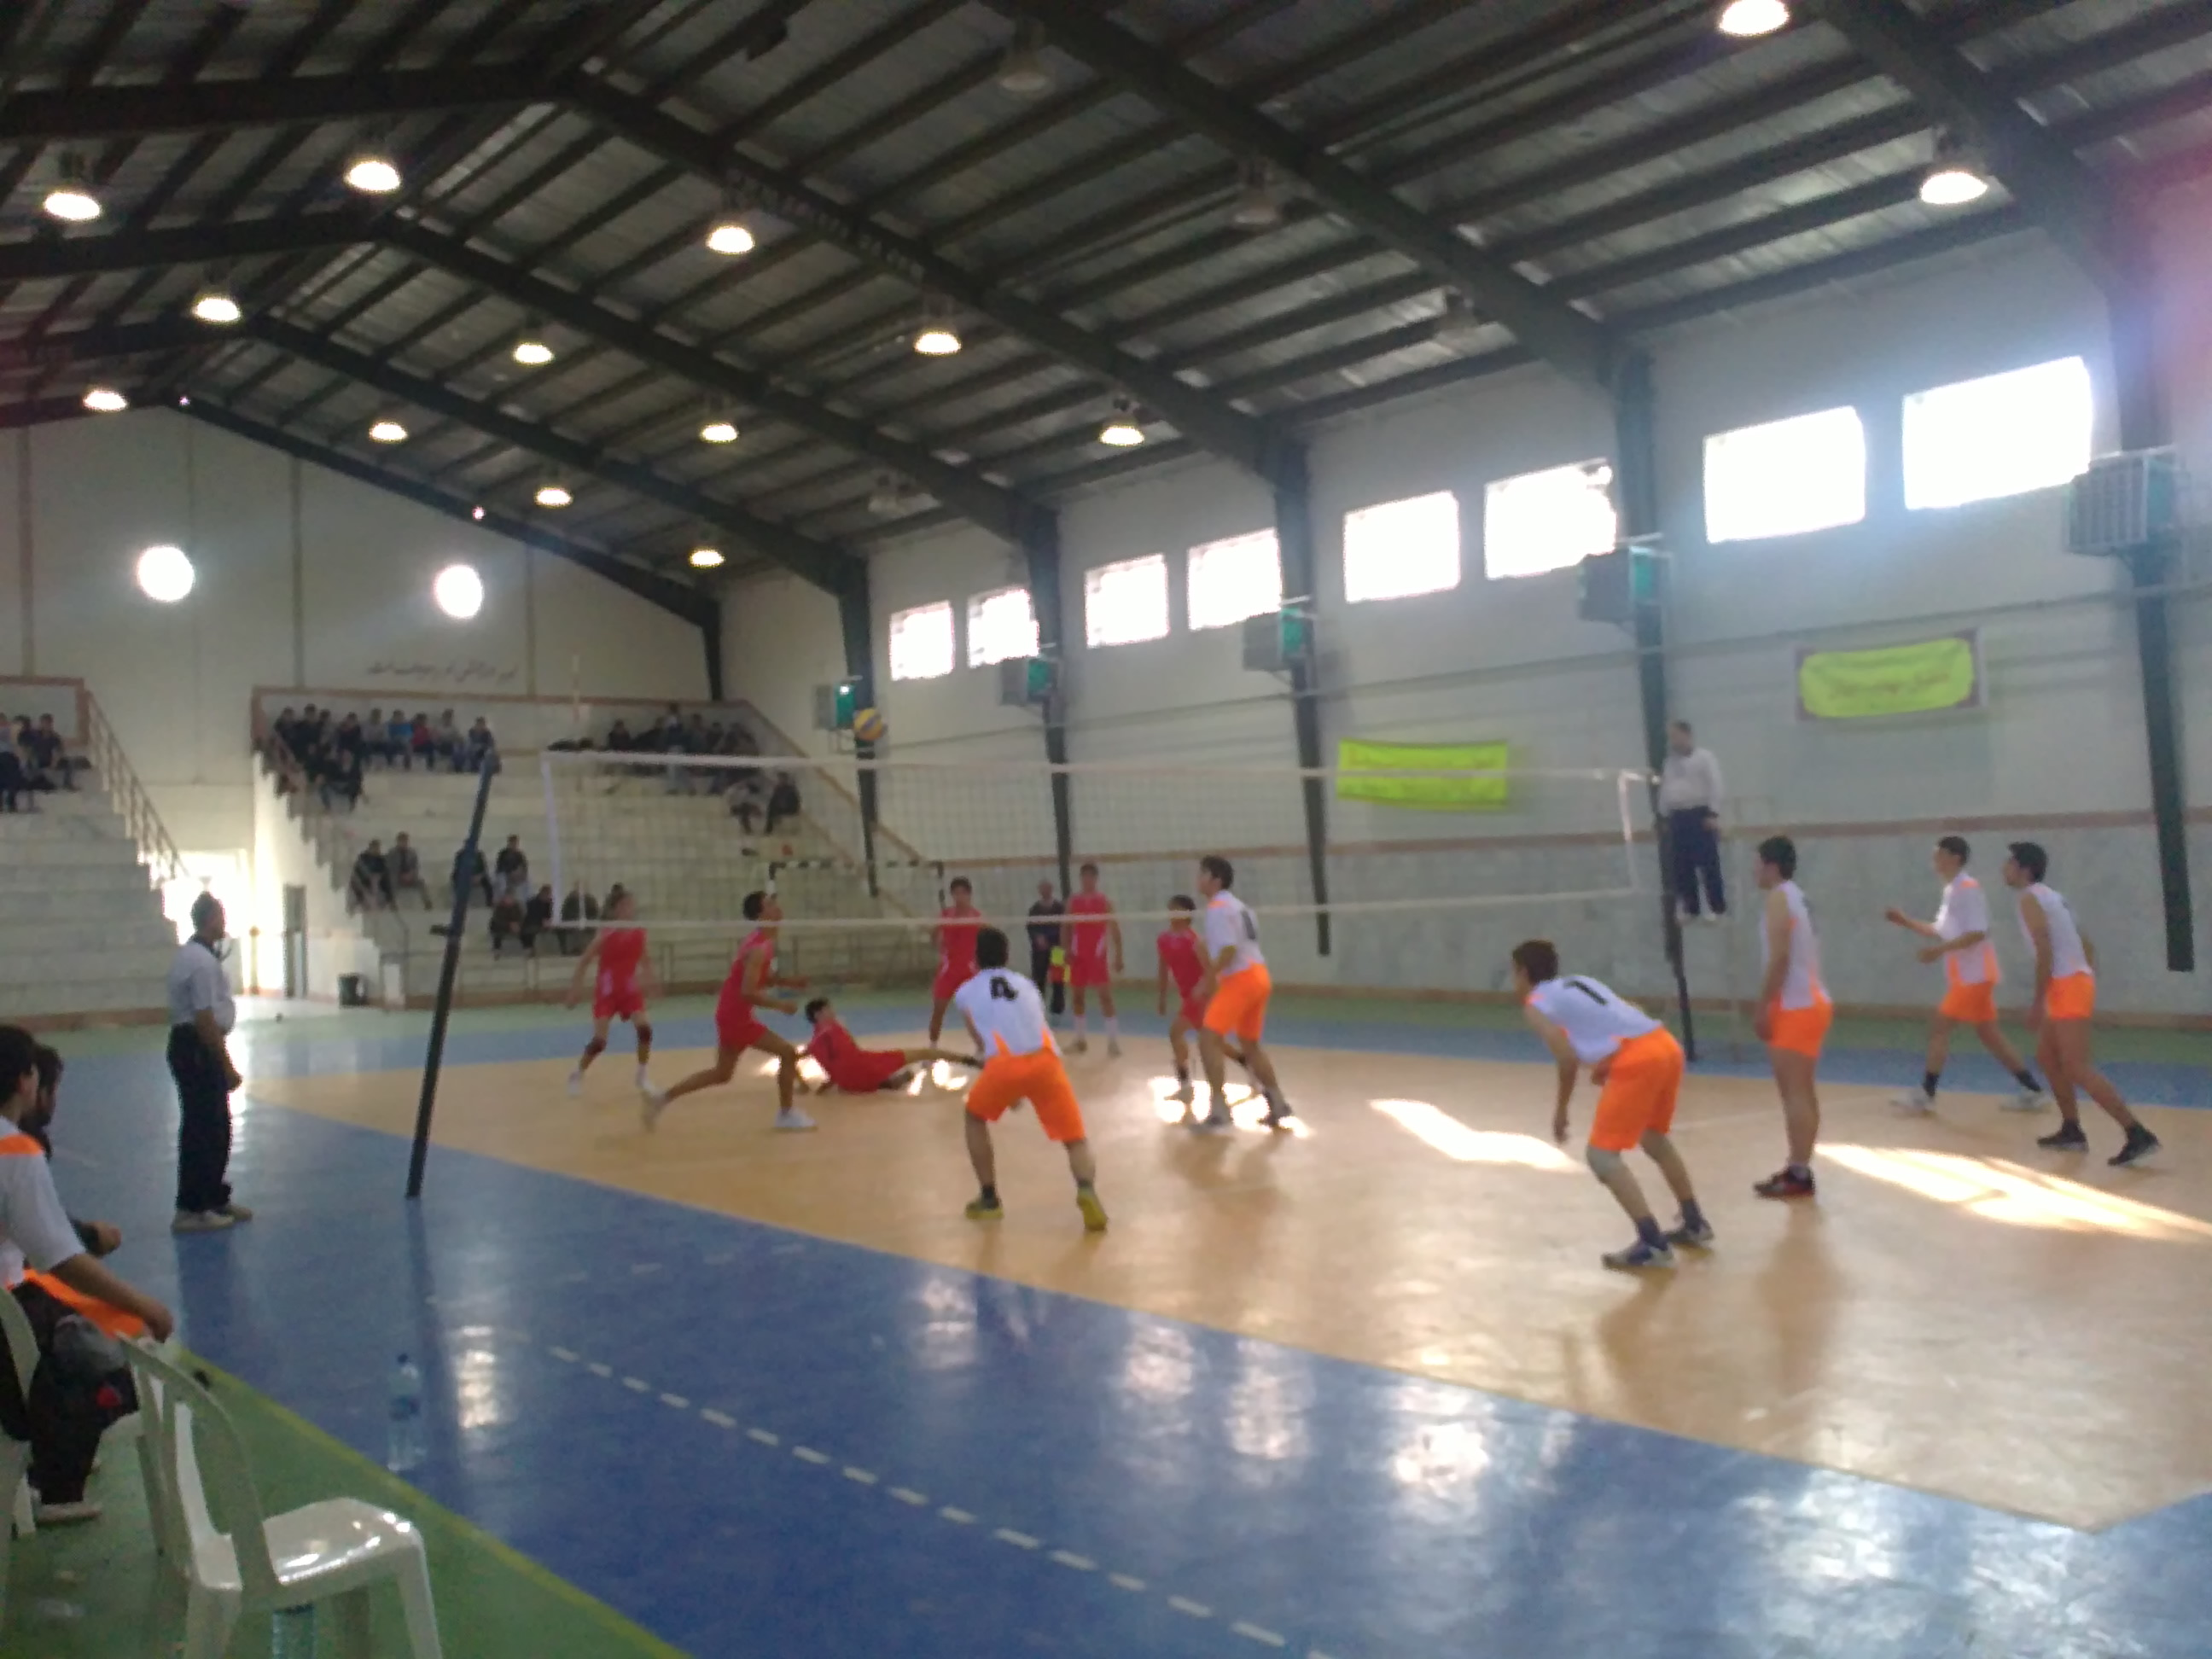 برگزاری مسابقات والیبال دانشآموزی در مقطع تحصیلی متوسطه